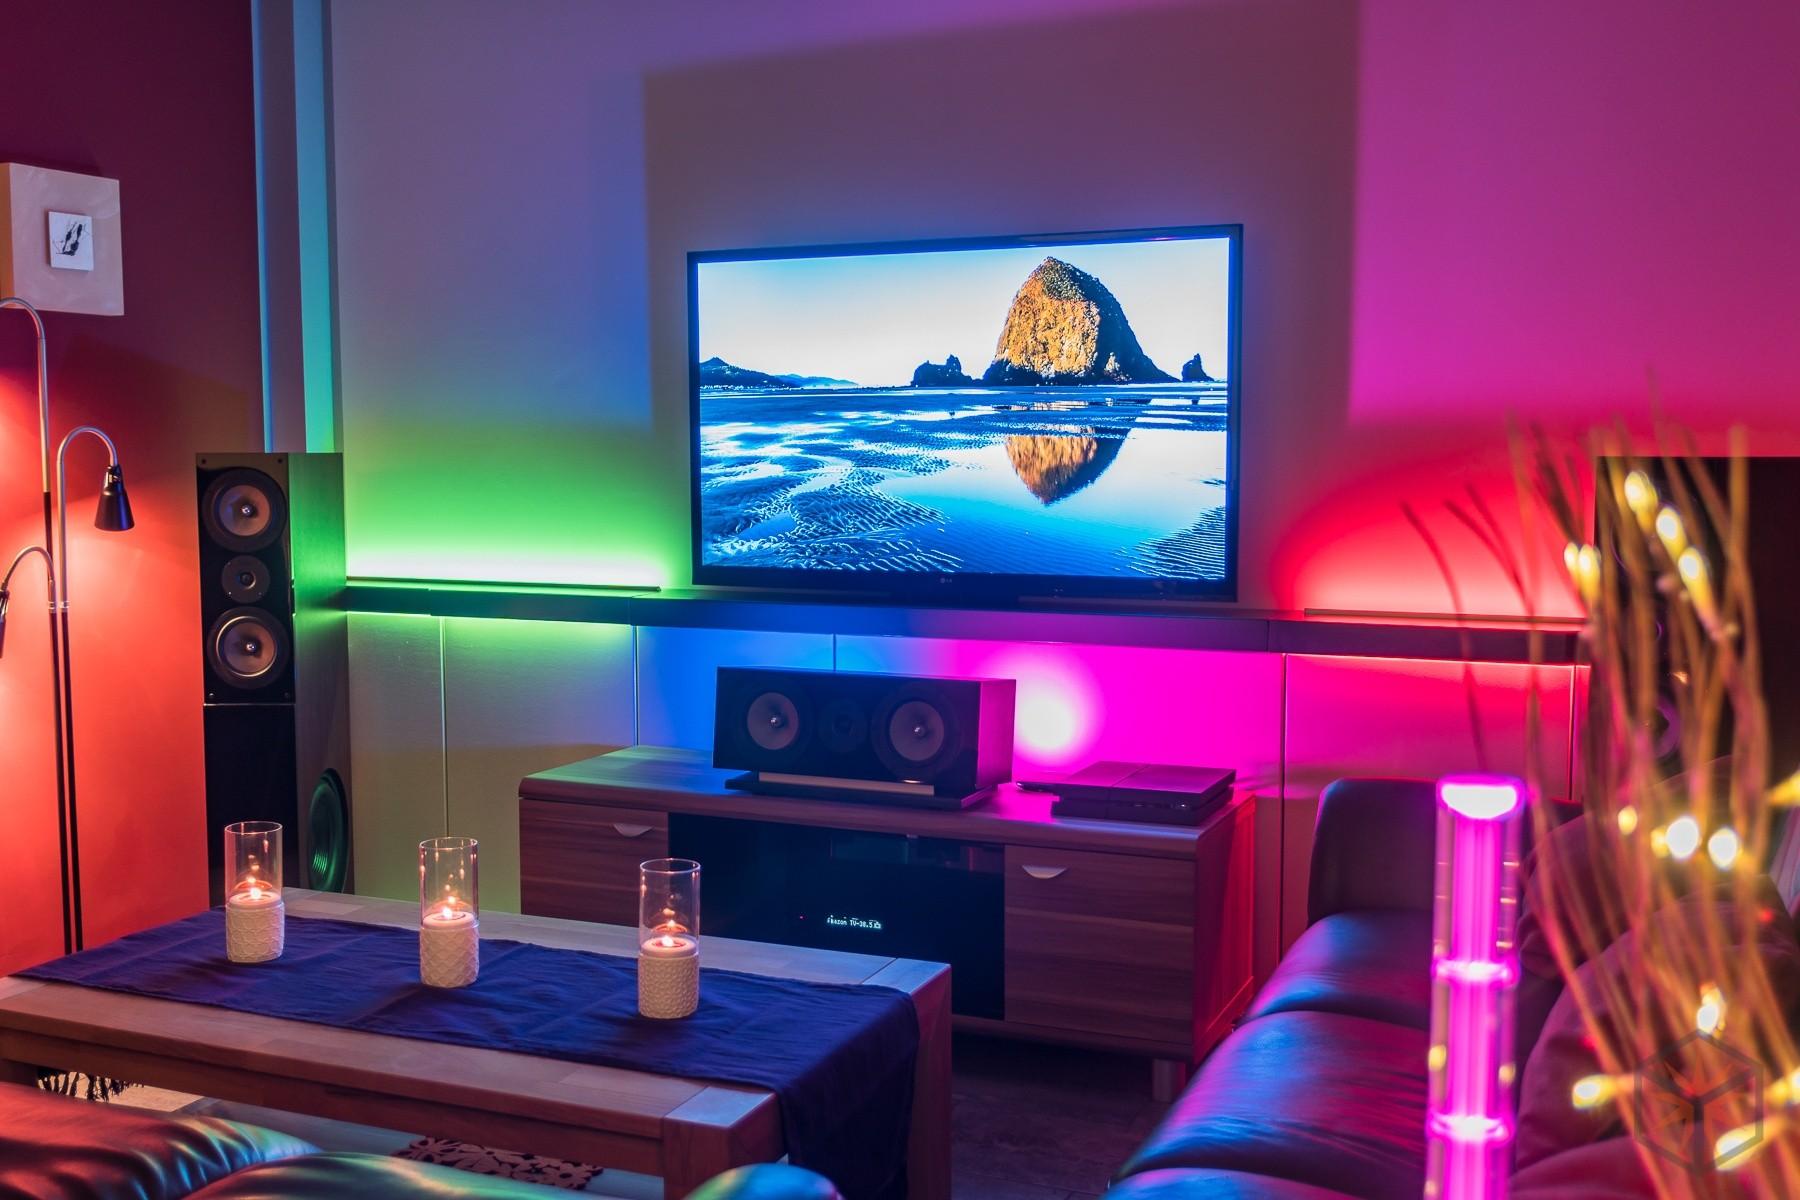 heimkino wohnzimmer wohnzimmer mit beamer und leinwand versteckt neues wohnzimmer besta. Black Bedroom Furniture Sets. Home Design Ideas